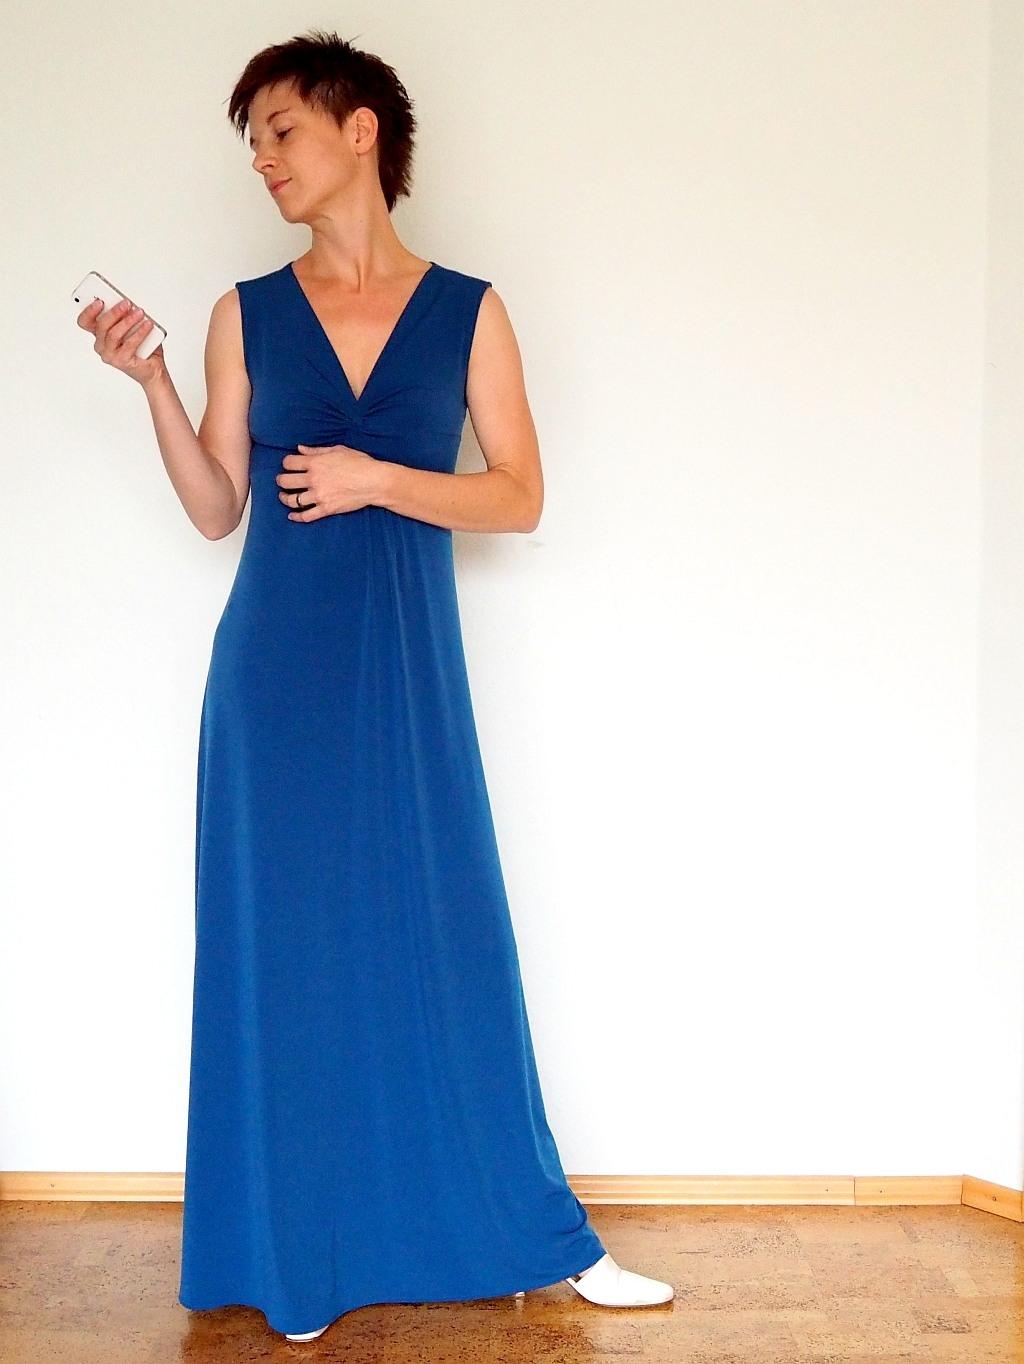 10 Einzigartig Suche Abendkleid Für Hochzeit Ärmel10 Perfekt Suche Abendkleid Für Hochzeit Spezialgebiet